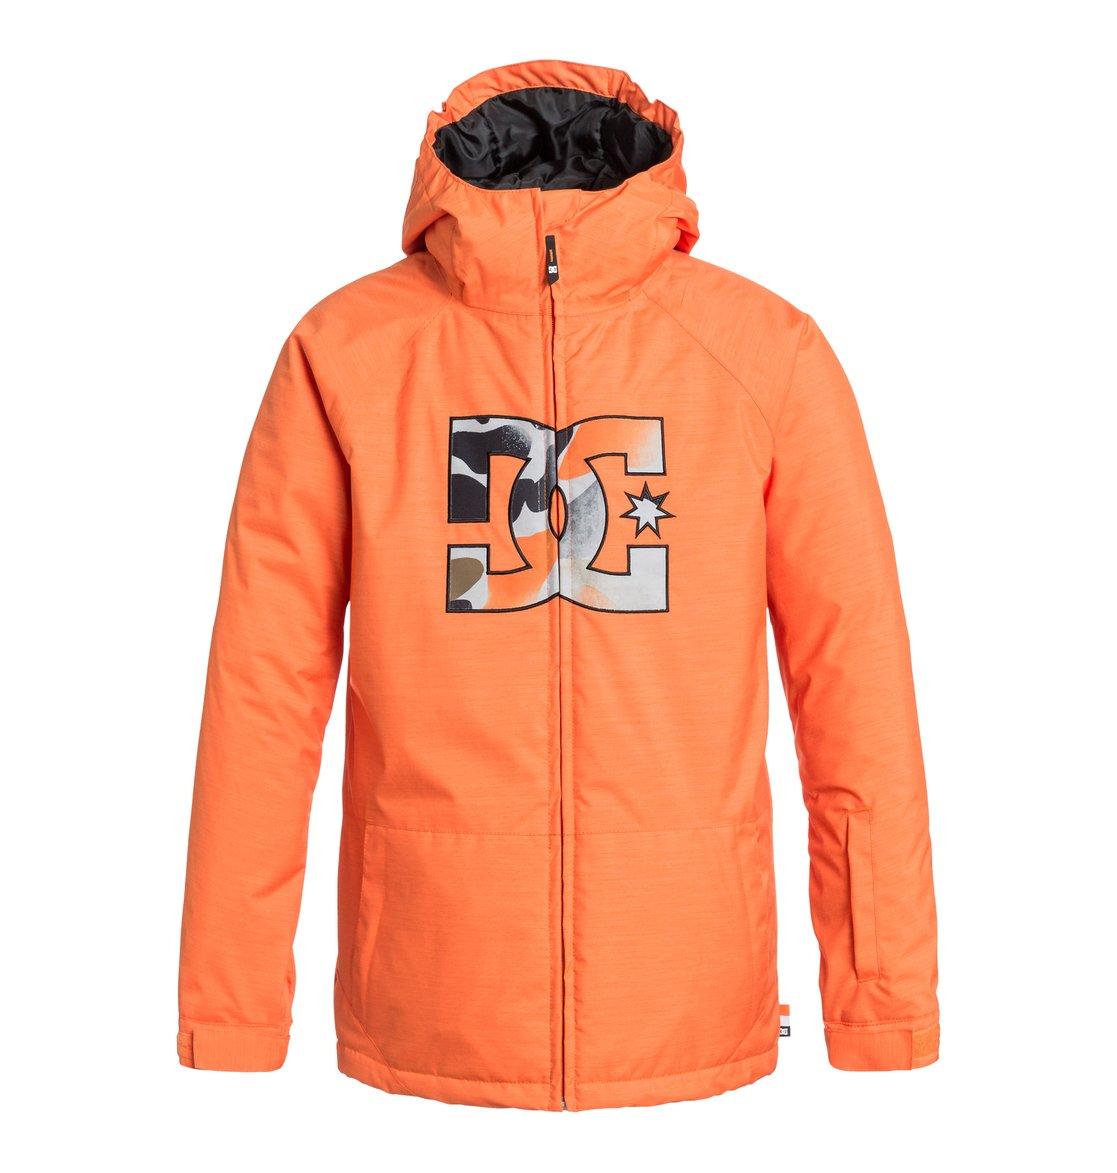 StoryСноубордическая куртка Story для мальчиков из сноубордической коллекции DC Shoes. ХАРАКТЕРИСТИКИ: критические швы проклеены, сеточная вентиляция, противоснежная юбка, эластичный капюшон, манжеты с регулировкой. СОСТАВ: 100% полиэстер.<br>